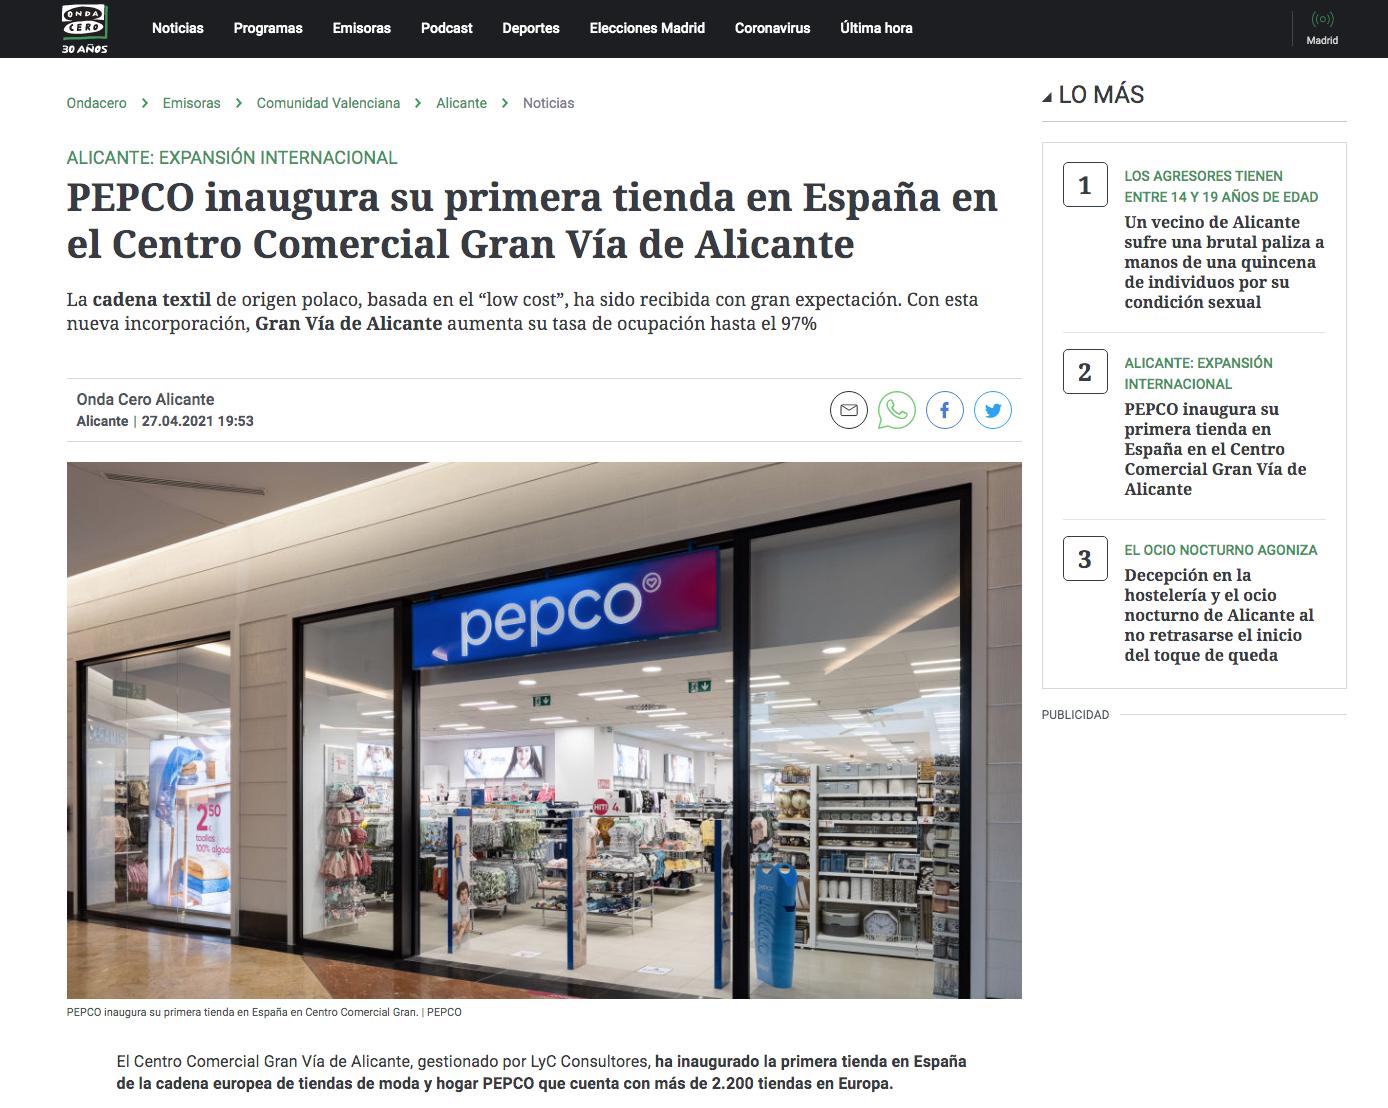 PEPCO inaugura su primera tienda en España en el Centro Comercial Gran Vía de Alicante